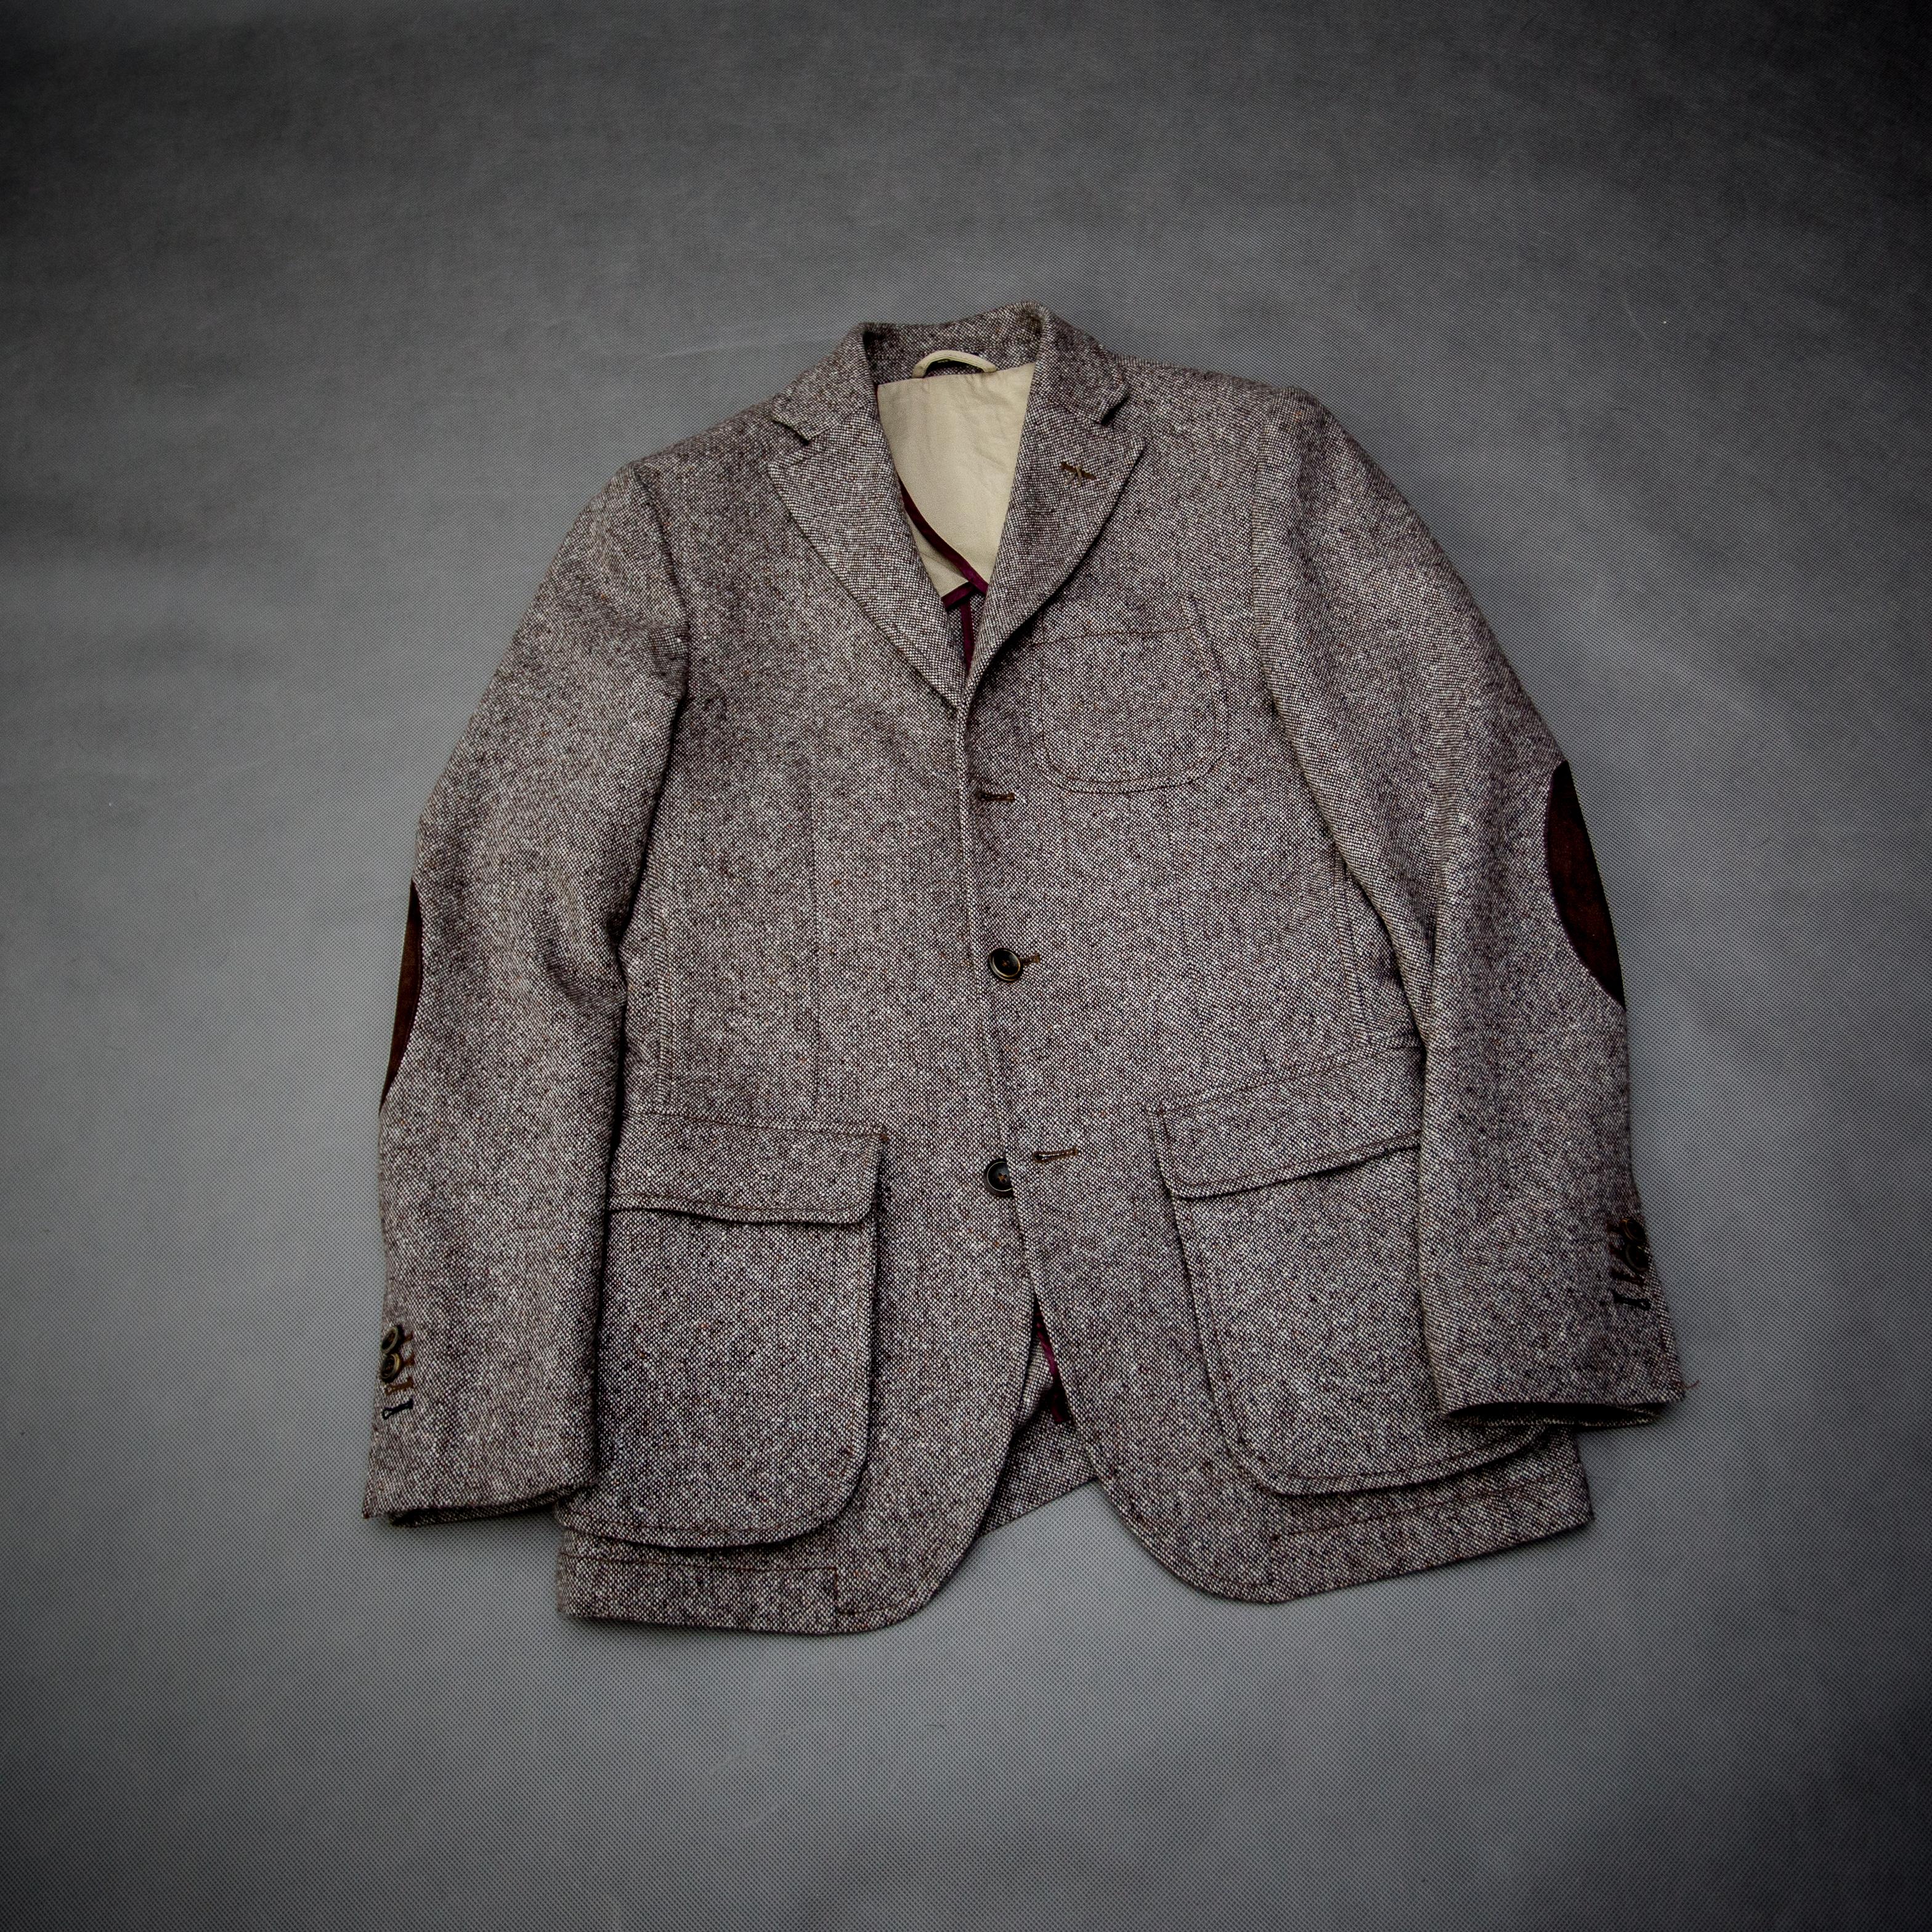 0433b424916fe brązowa tweedowa marynarka w stylu łowieckim podstawy jesiennej garderoby  facet mężczyzna